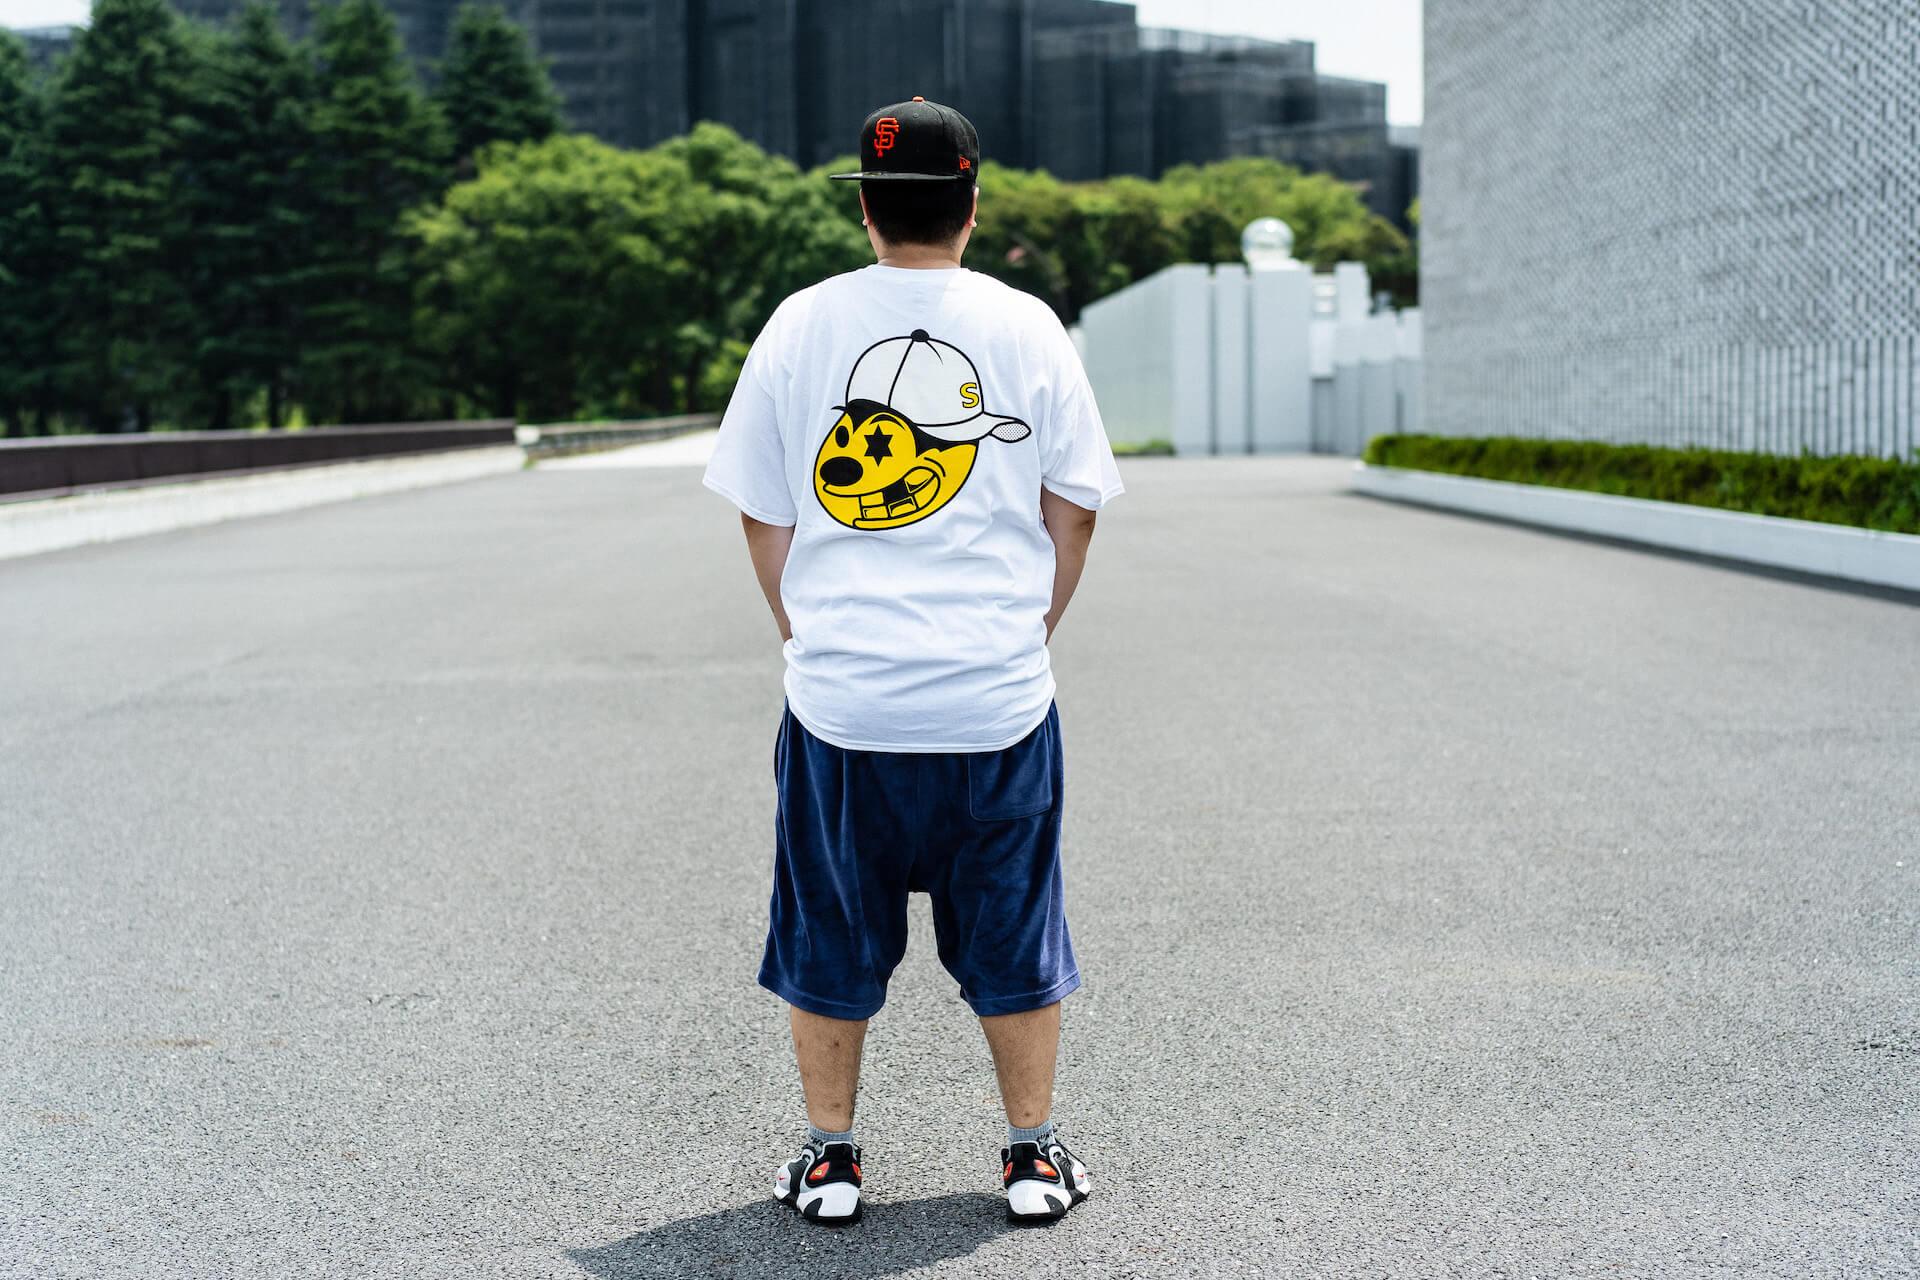 SWANKY SWIPEのポケットTシャツとBESのロゴTシャツが完全受注生産で発売 music210730-swanky-swipe-5